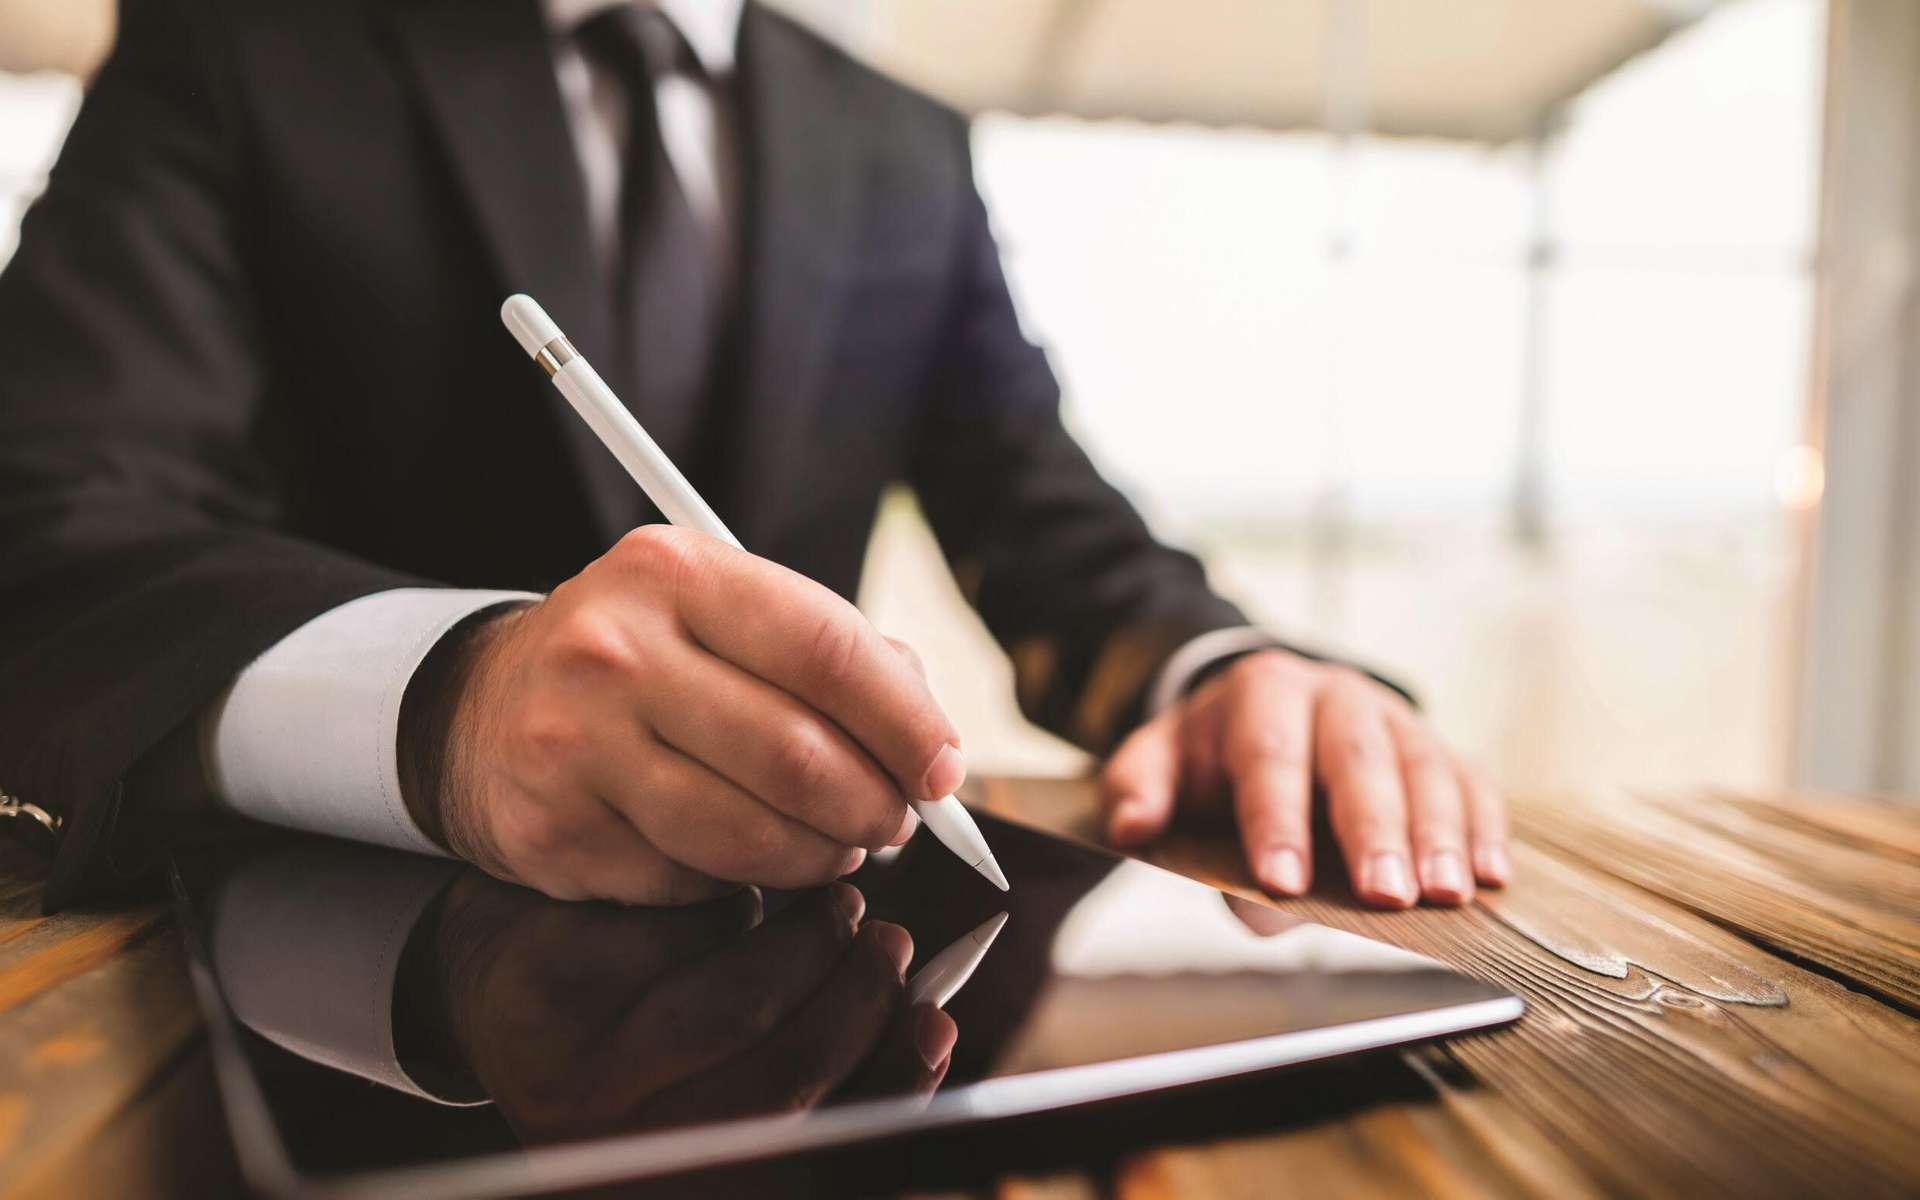 La signature électronique permet de dématérialiser les échanges dans le cadre du travail. © Certigna